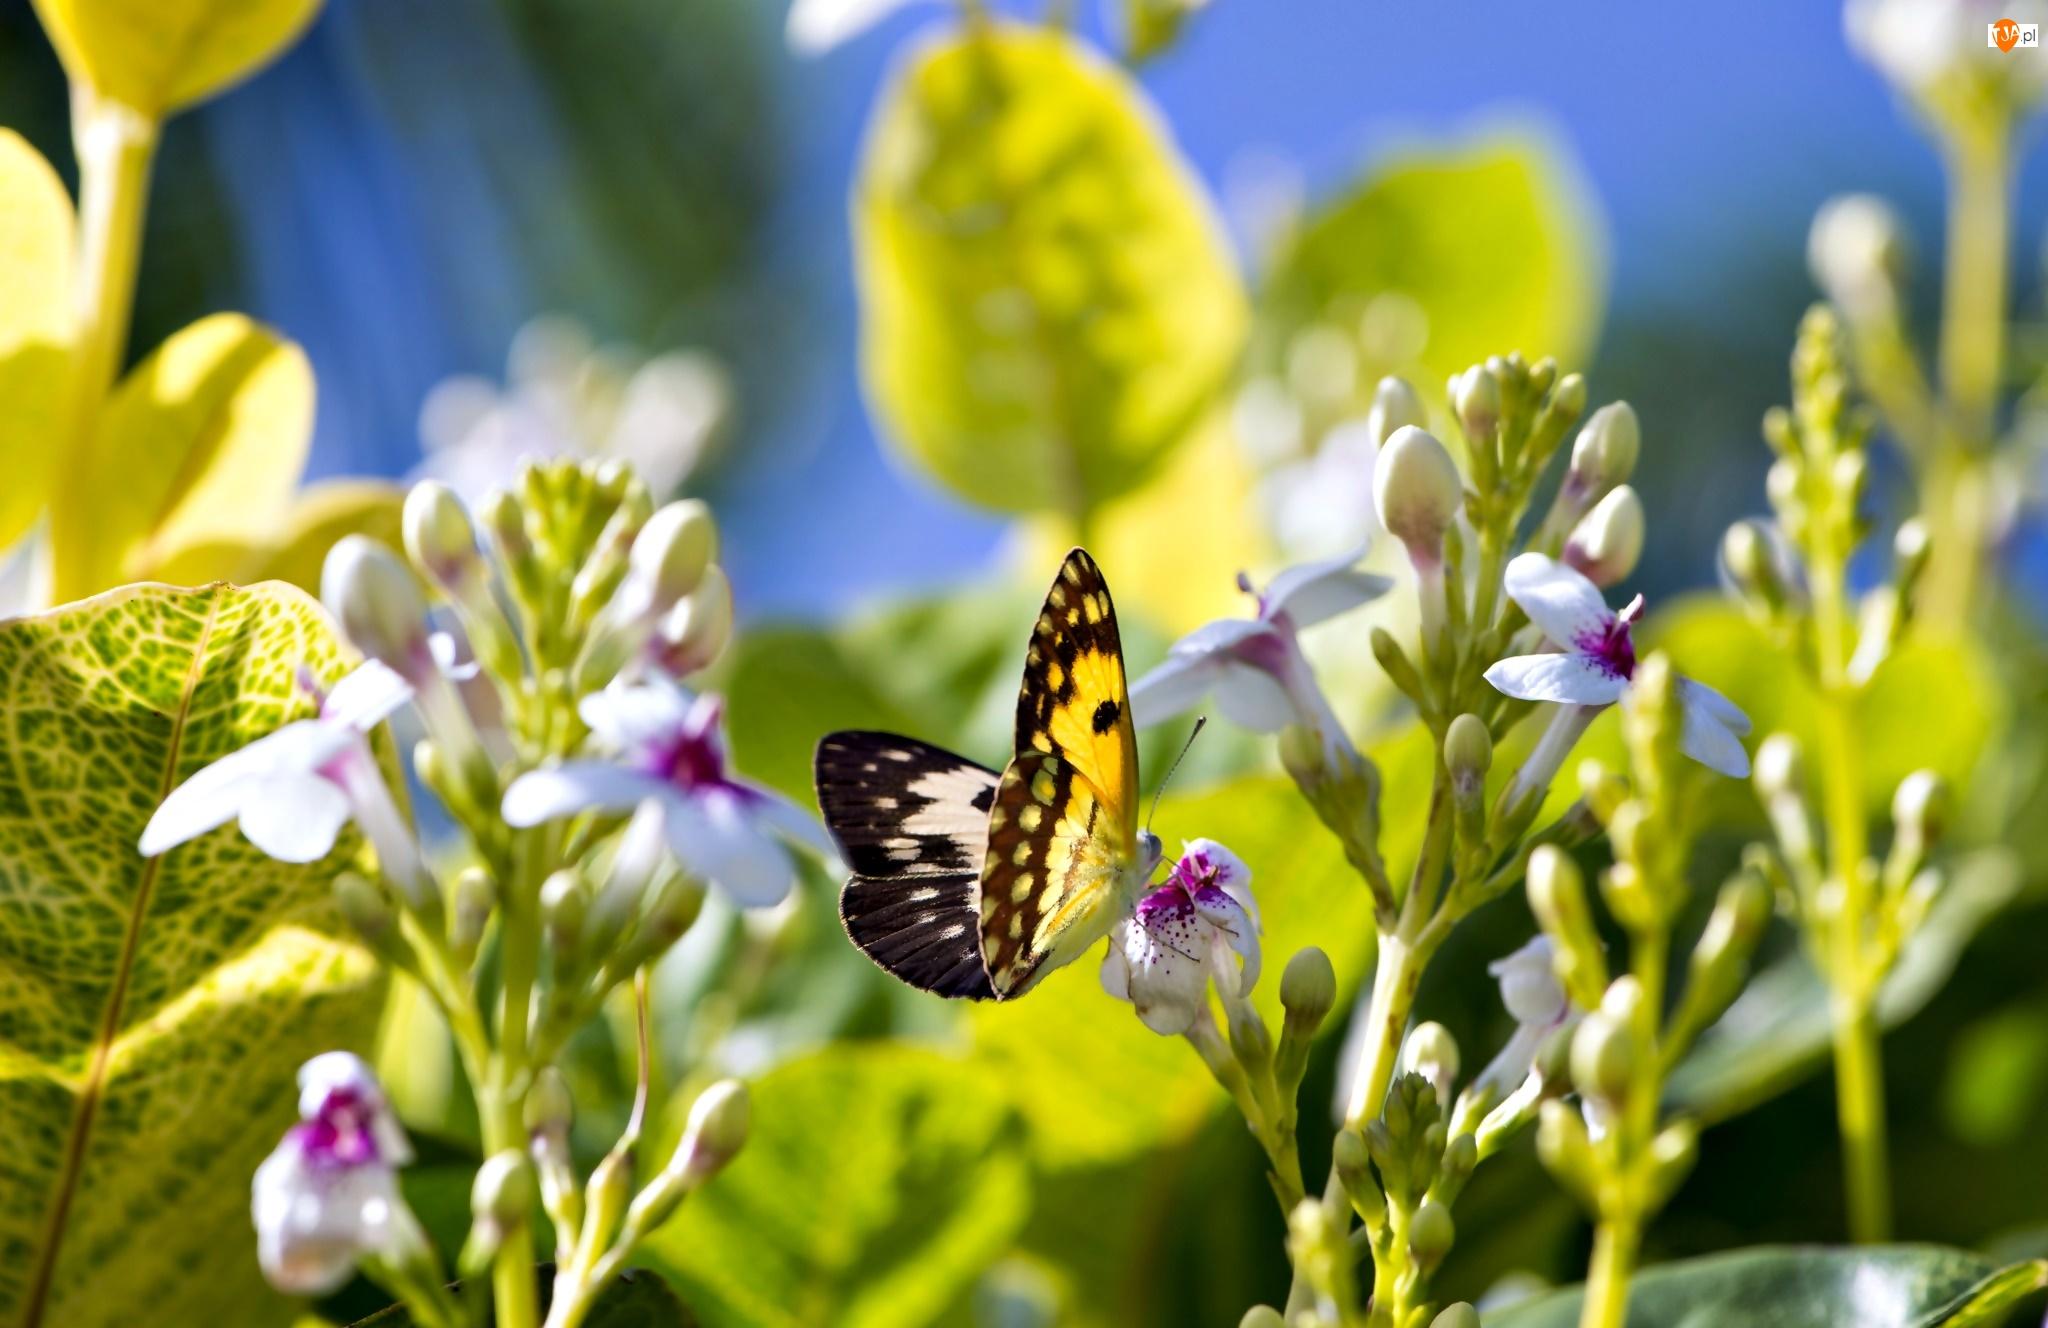 Motyl, Światło, Kwiaty, Liście